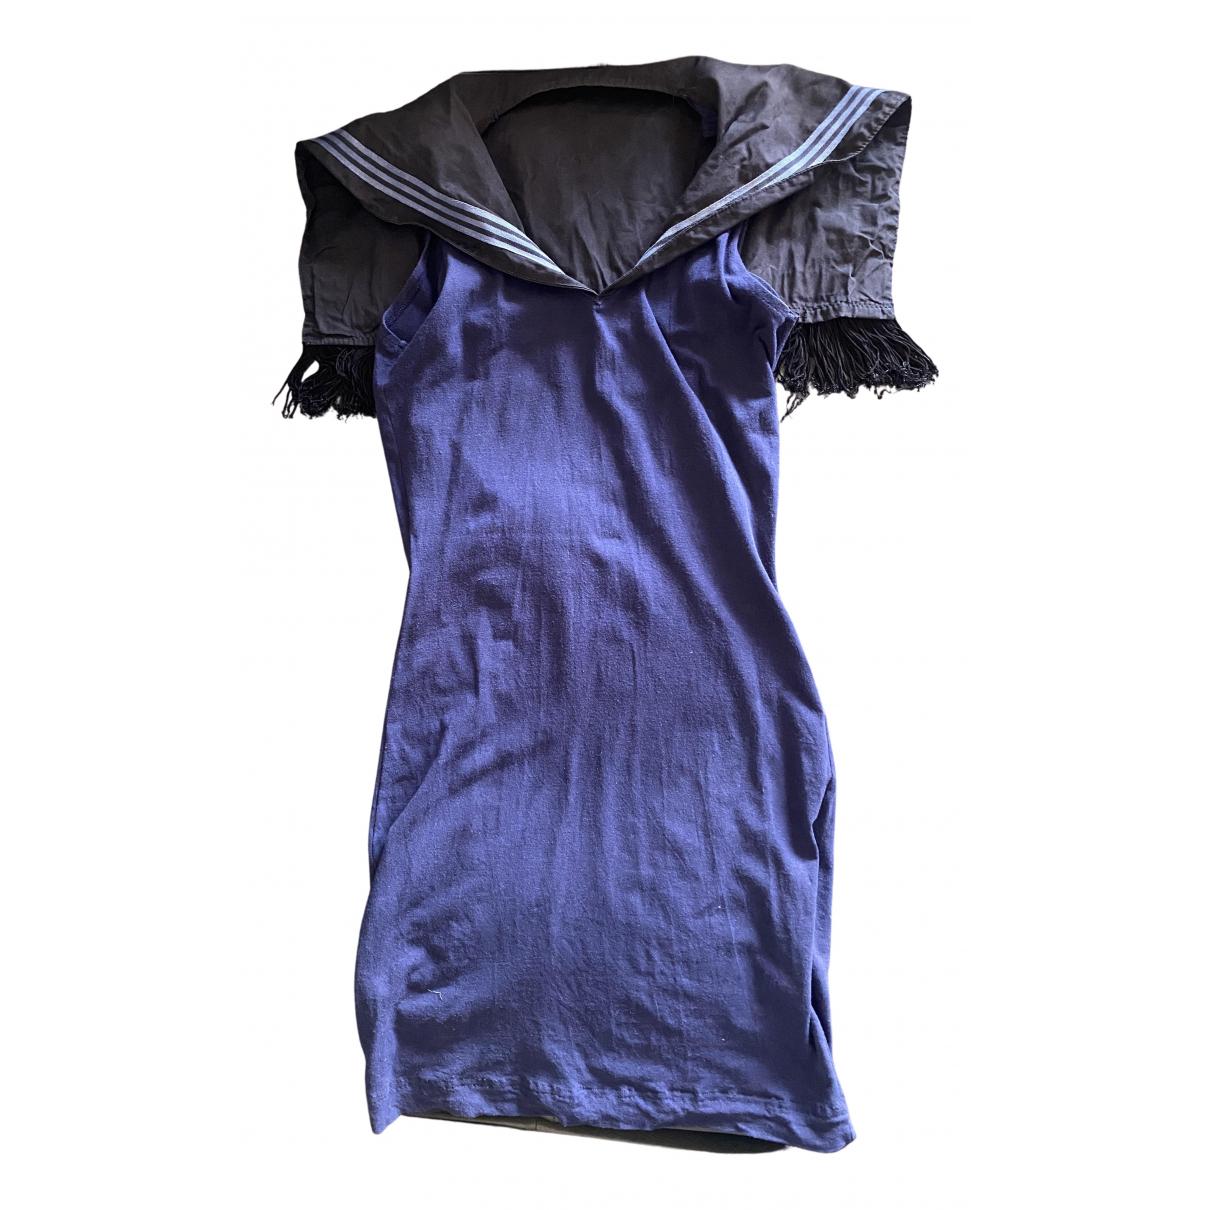 Jean Paul Gaultier \N Blue Cotton - elasthane dress for Women 40 IT